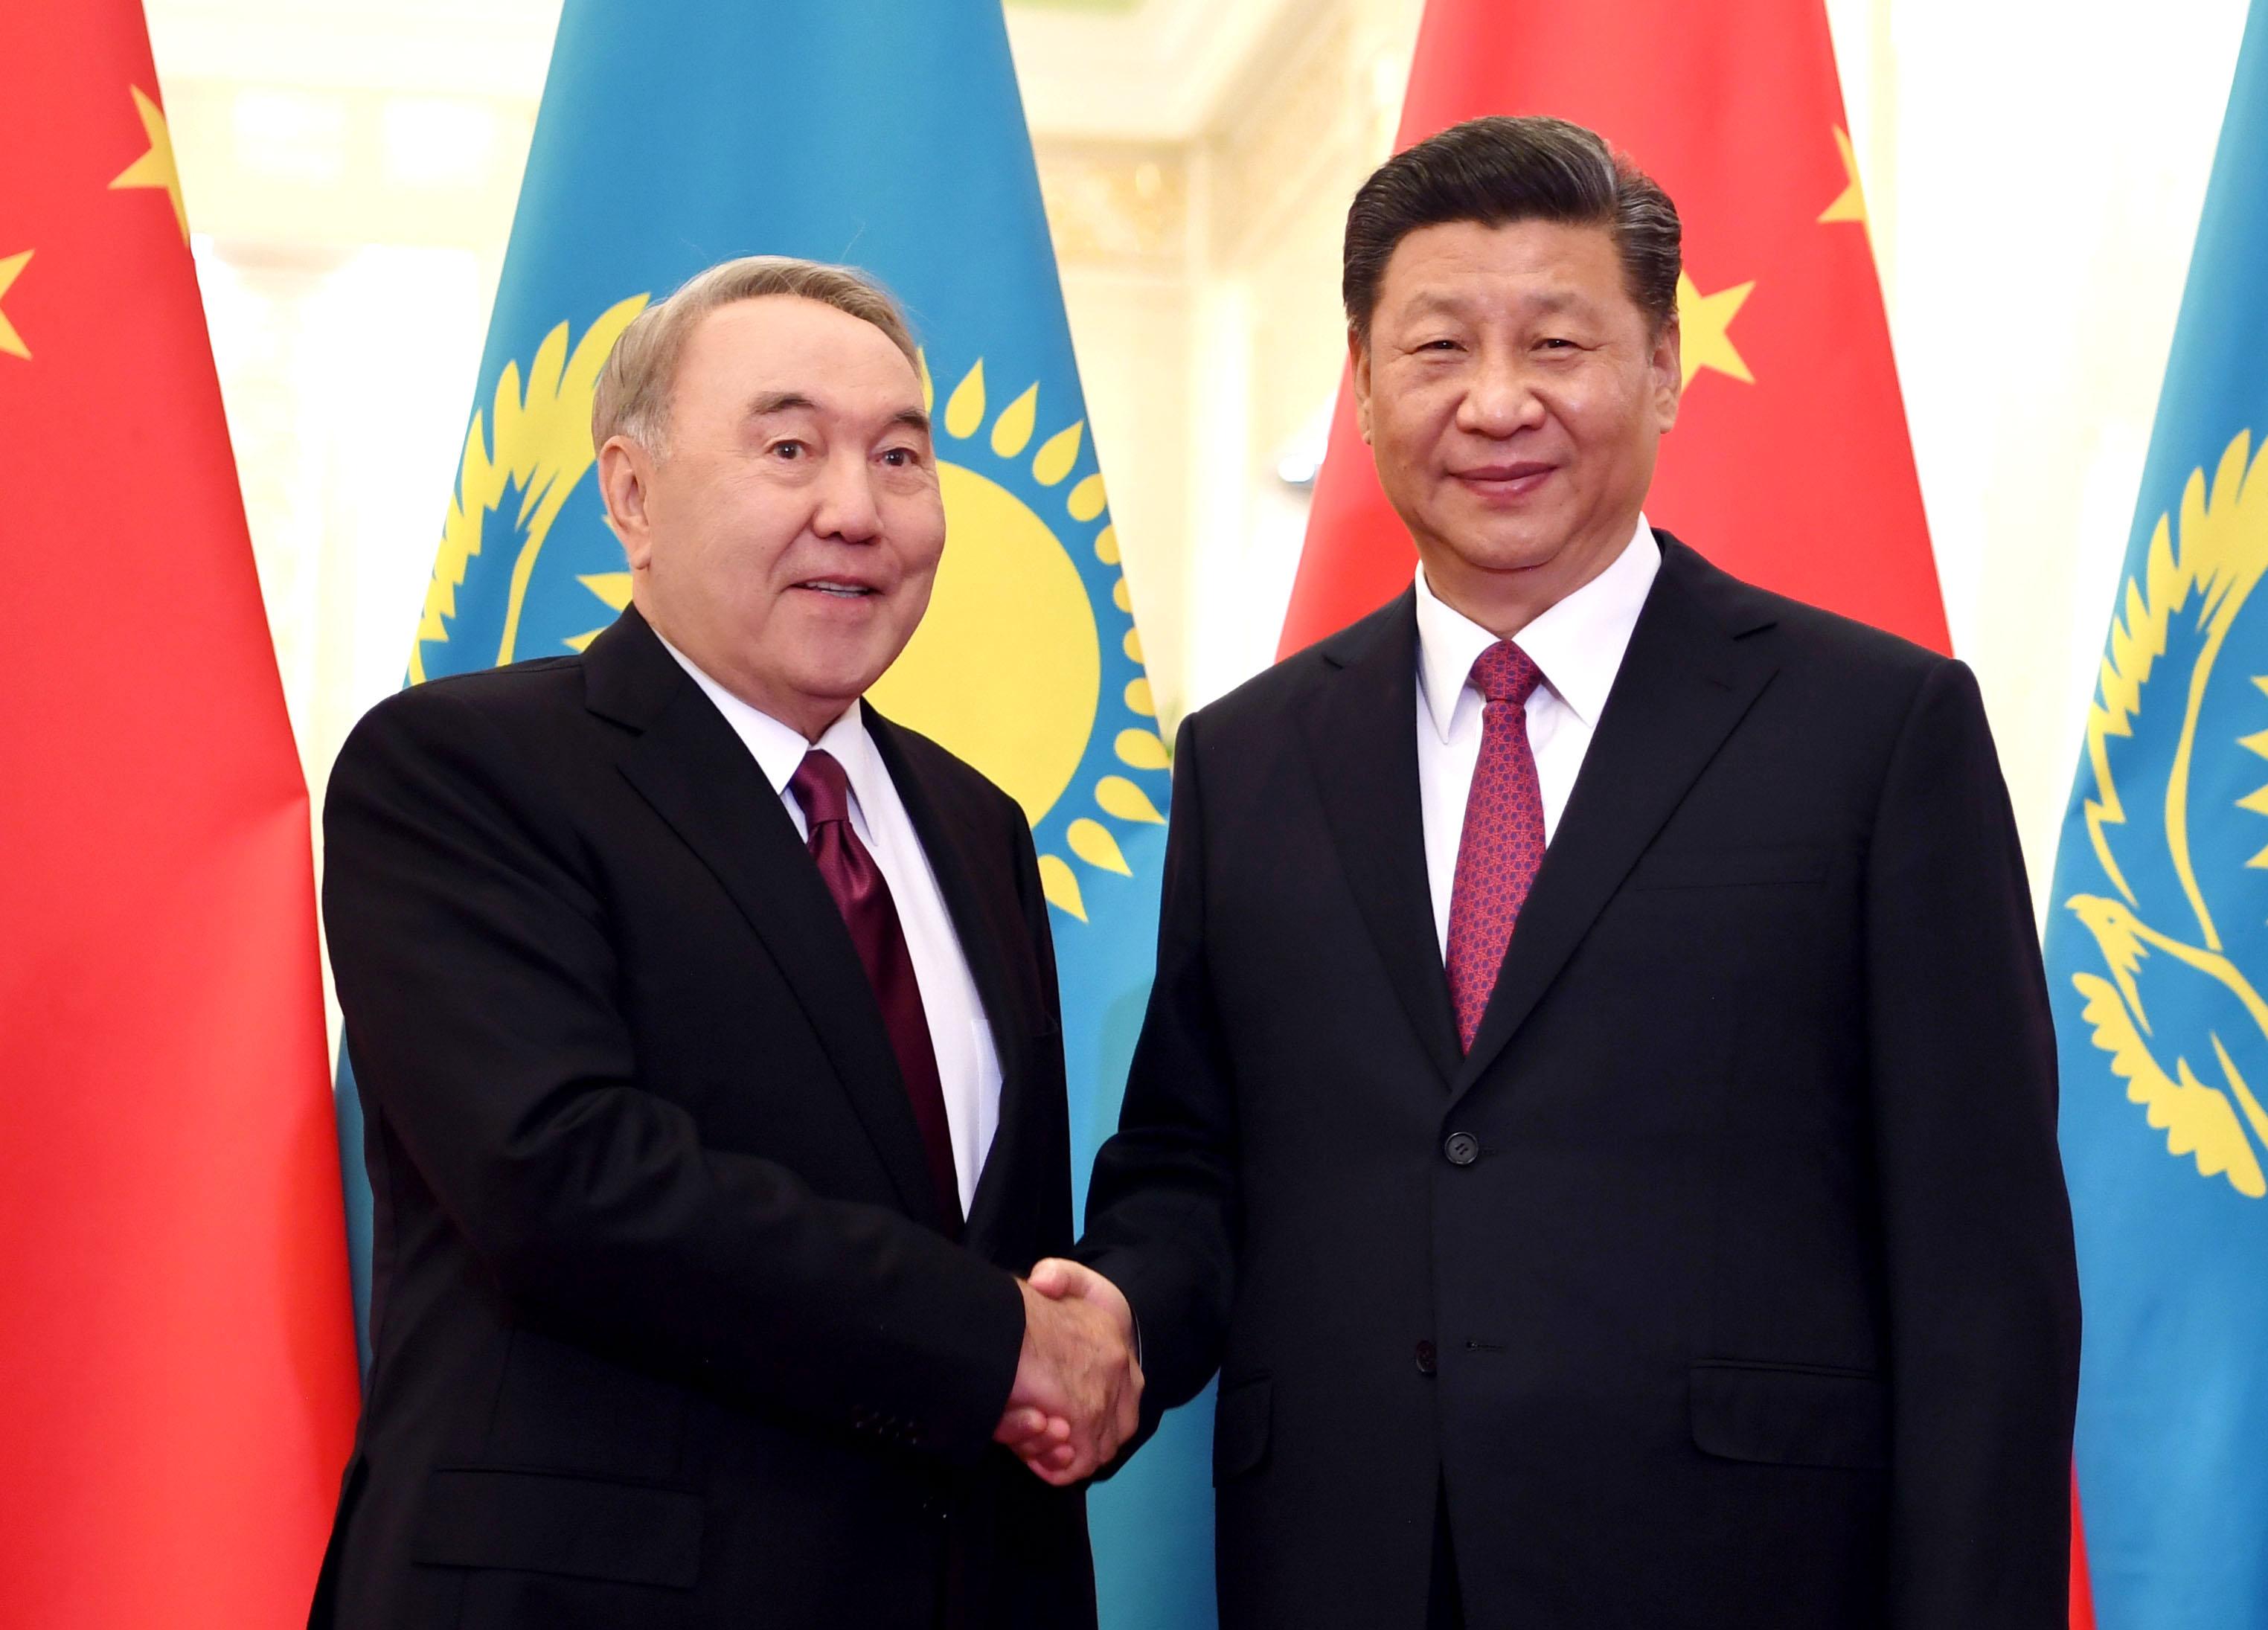 Нурсултан Назарбаев Си Цзиньпин